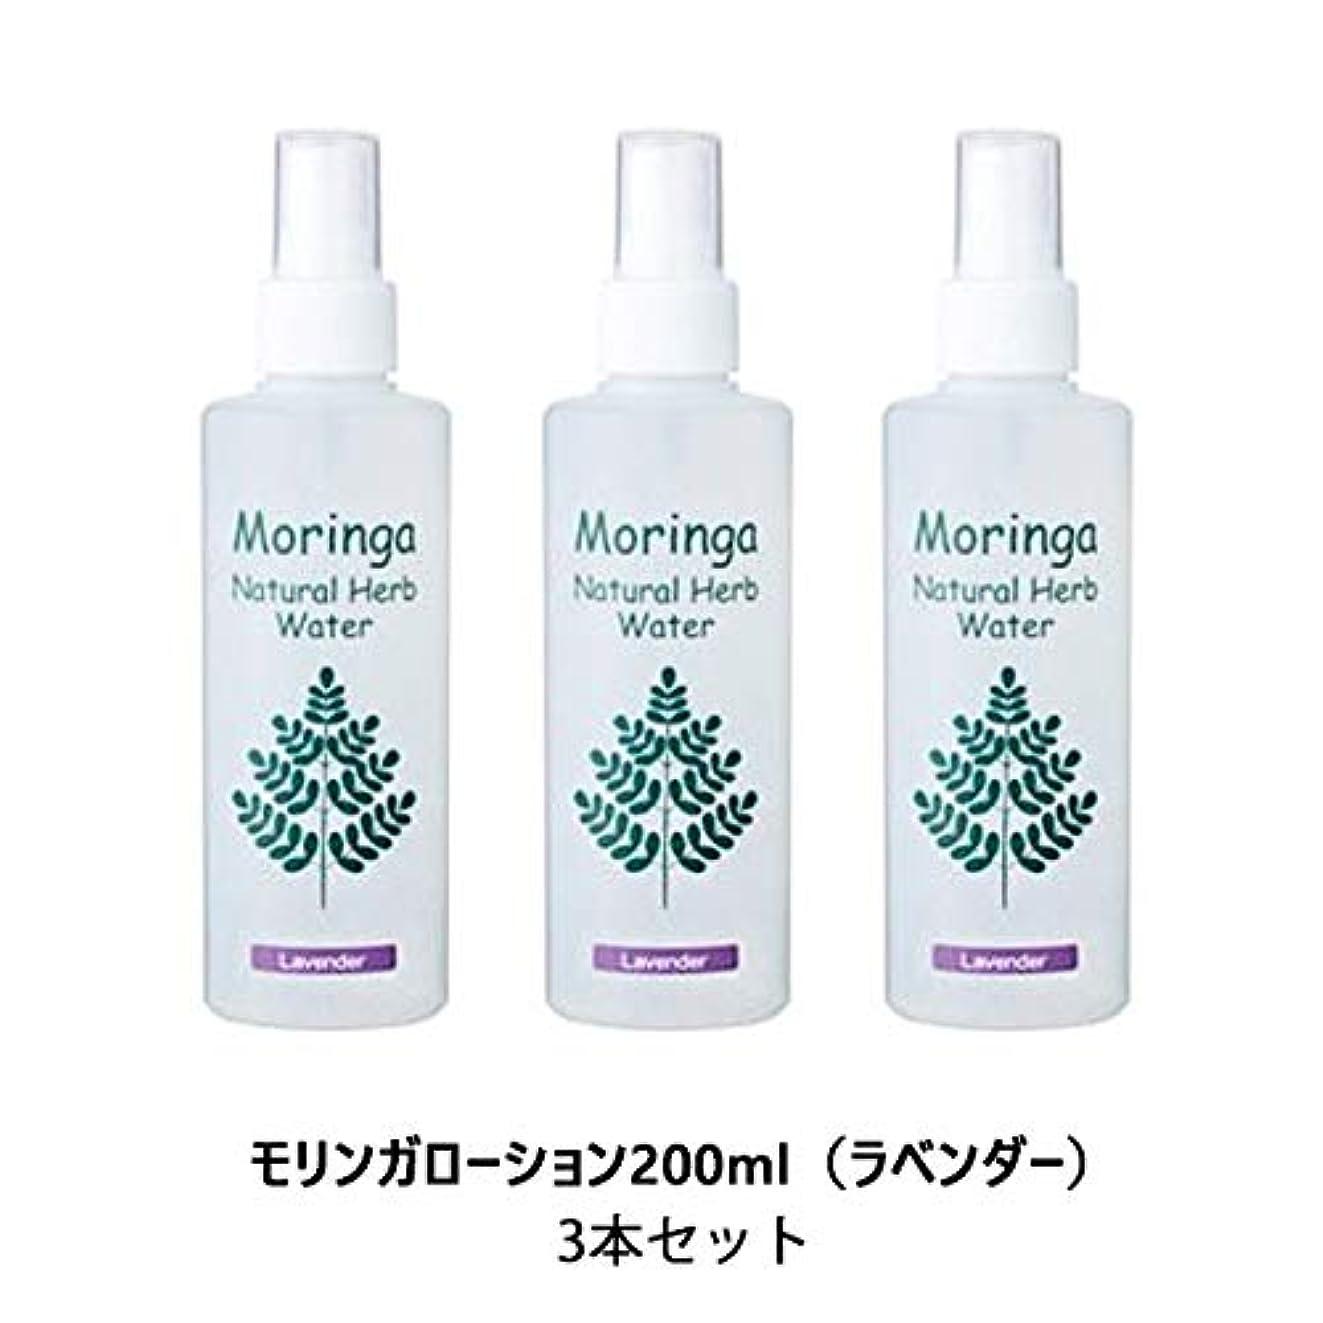 甘美な心から乳製品モリンガ 香草蒸留水(ラベンダー) 200m×3個            JAN:4560303913026